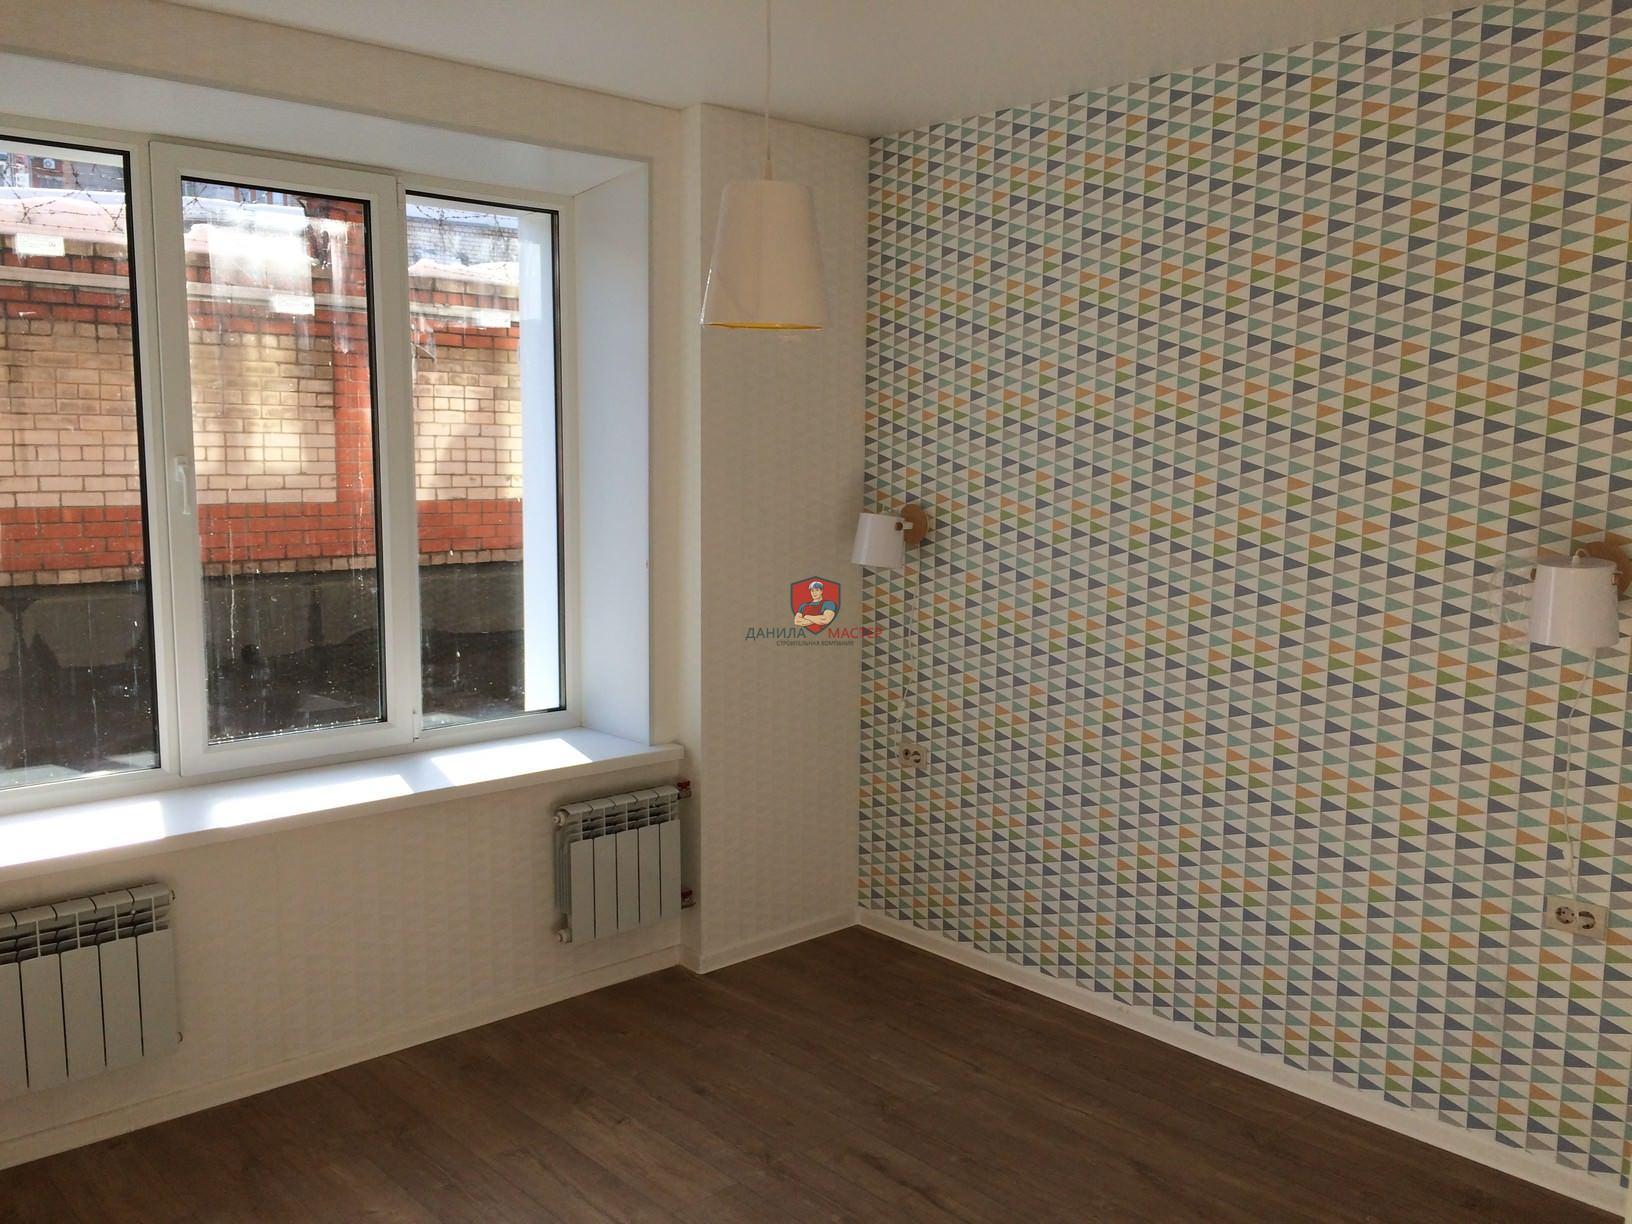 Ремонт однокомнатной квартиры под ключ по адресу: г. Киров, ул. Молодой гвардии